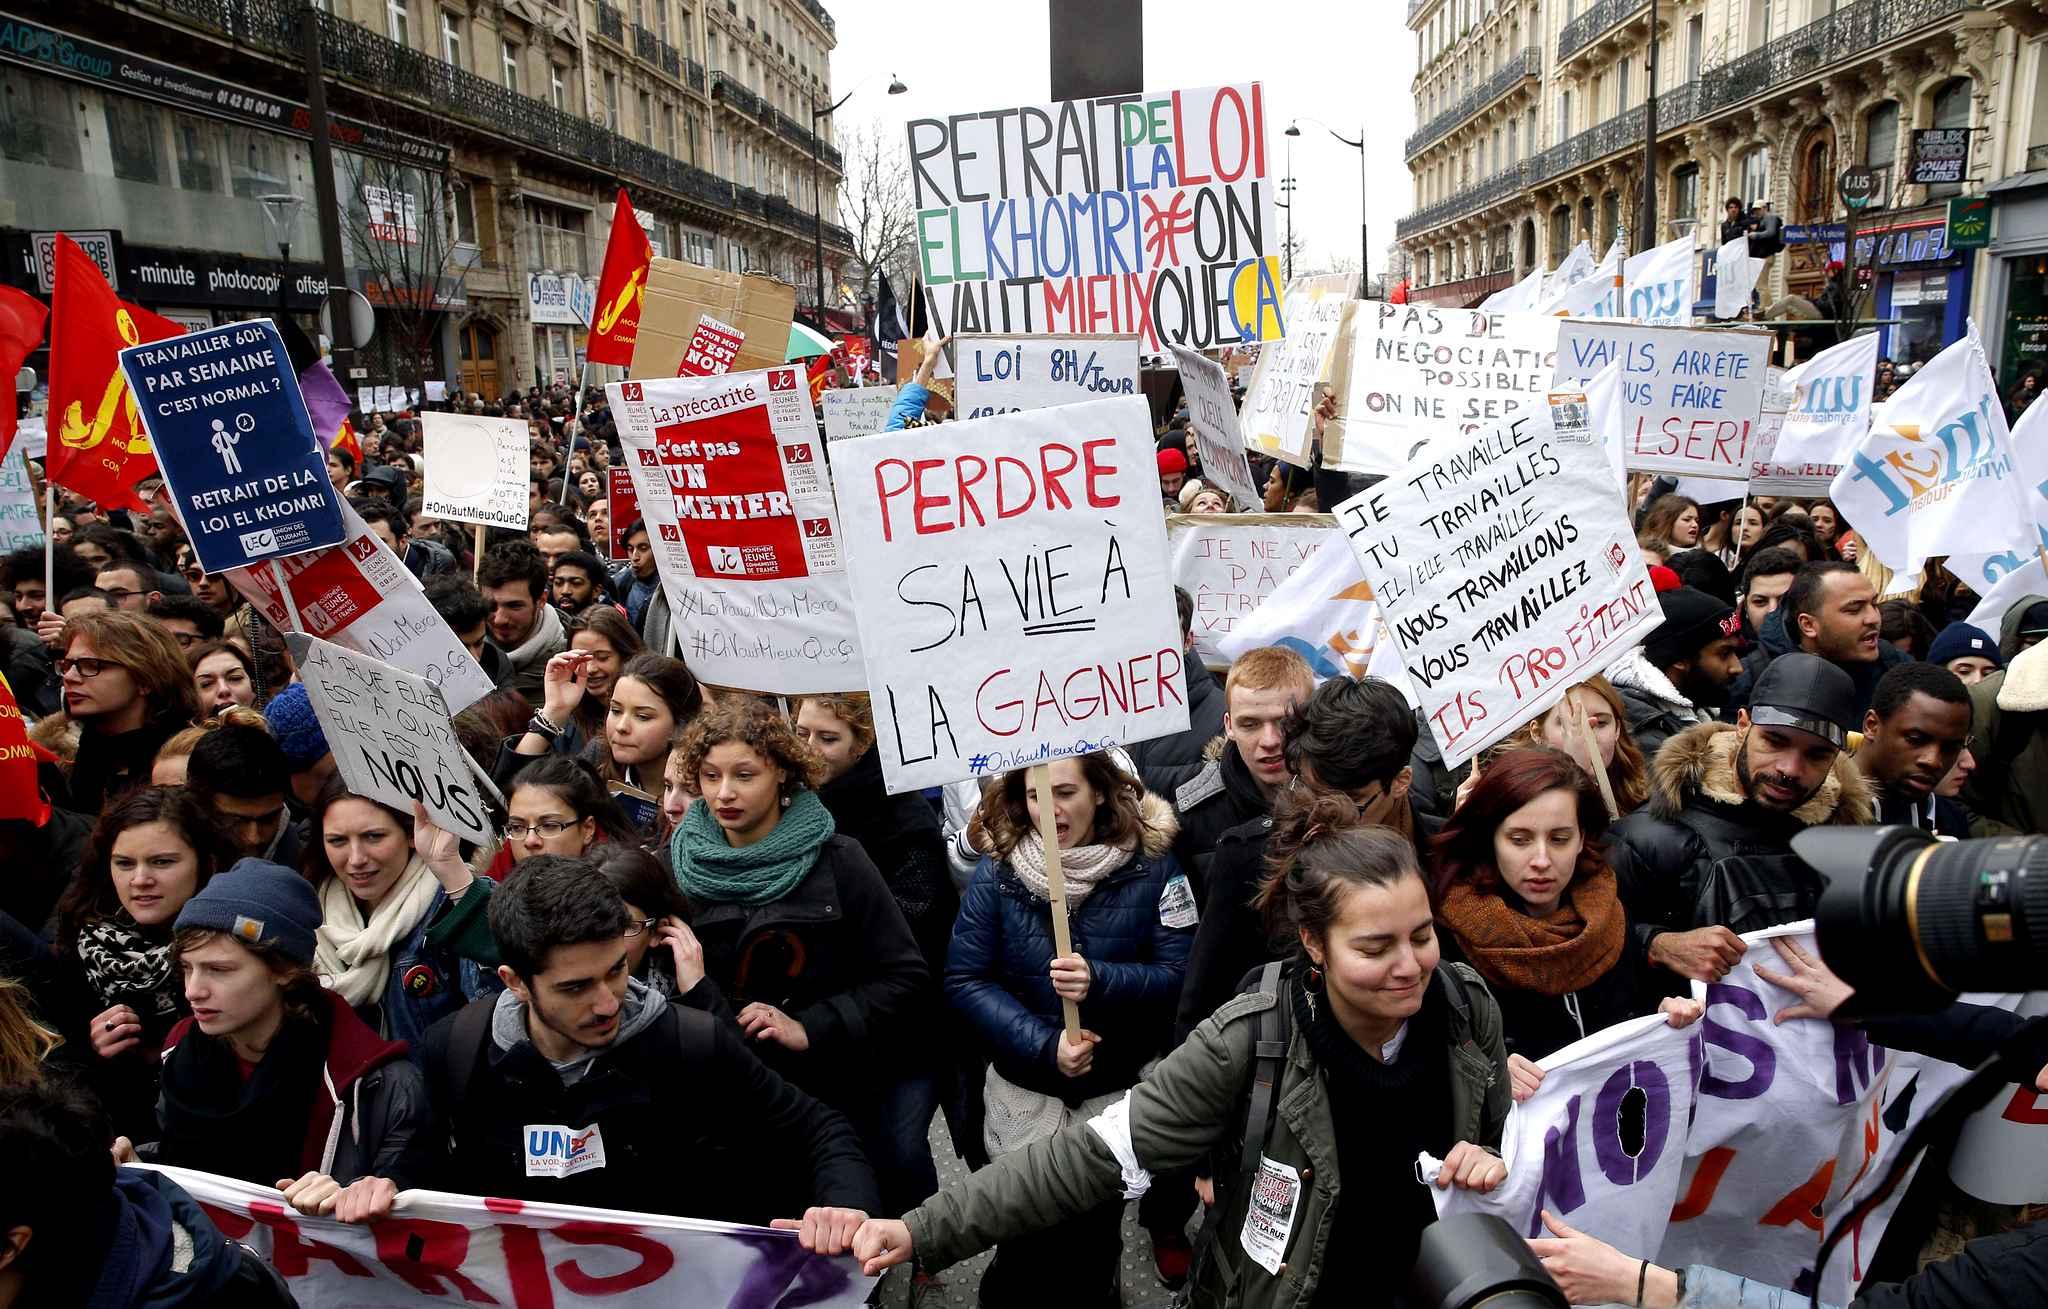 FRANCIA Cecile Rimboud (CWI): 'Serve un'alternativa politica'